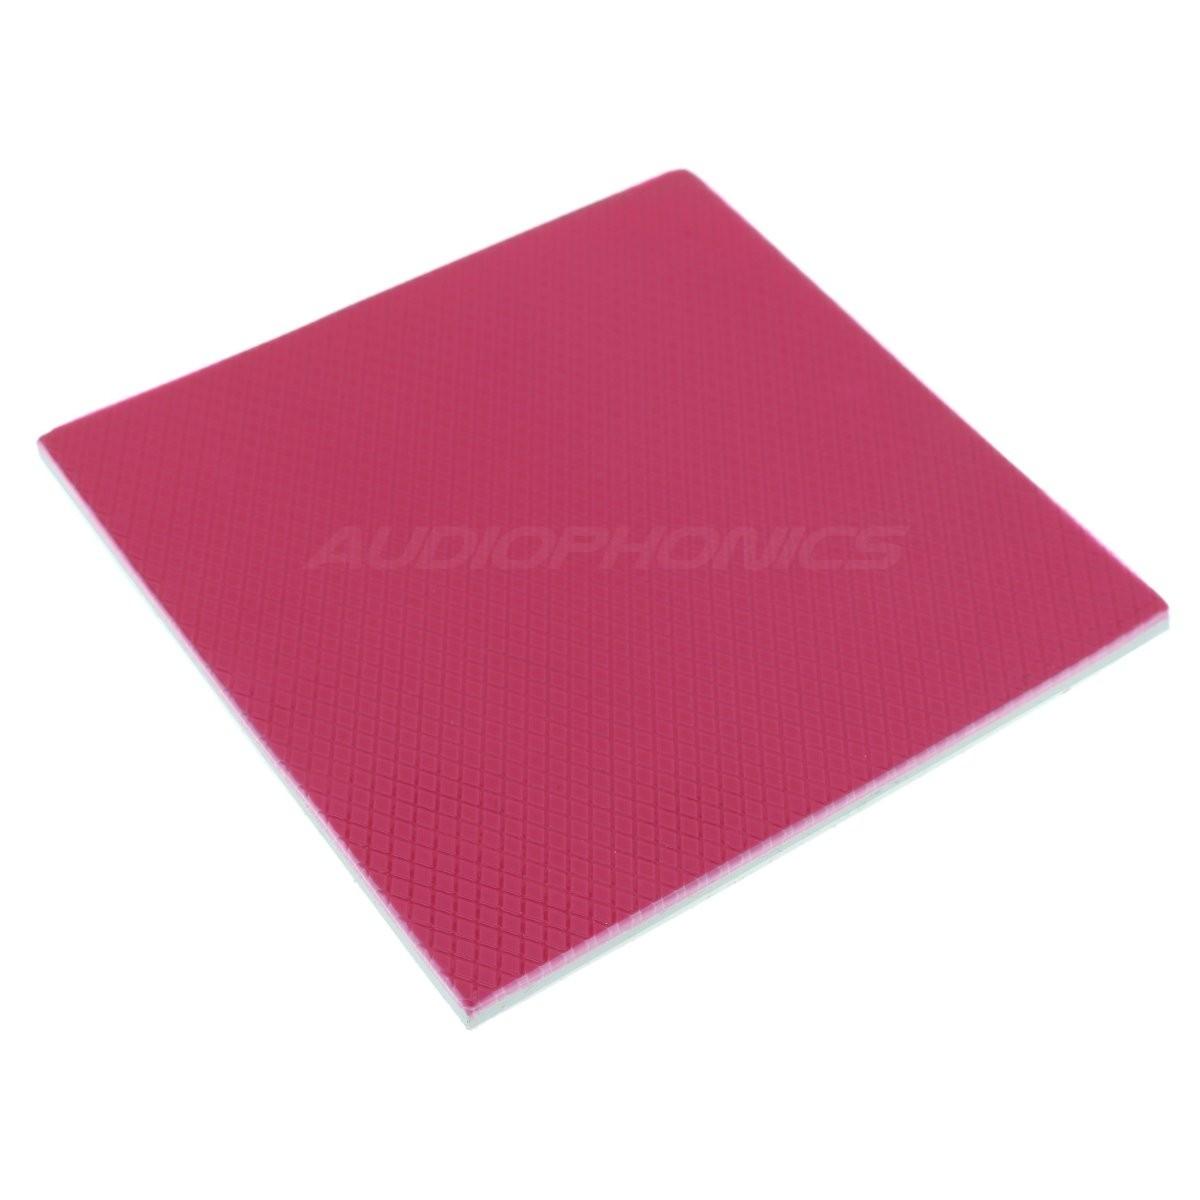 Pad thermique silicone 100x100x4mm (Unité)